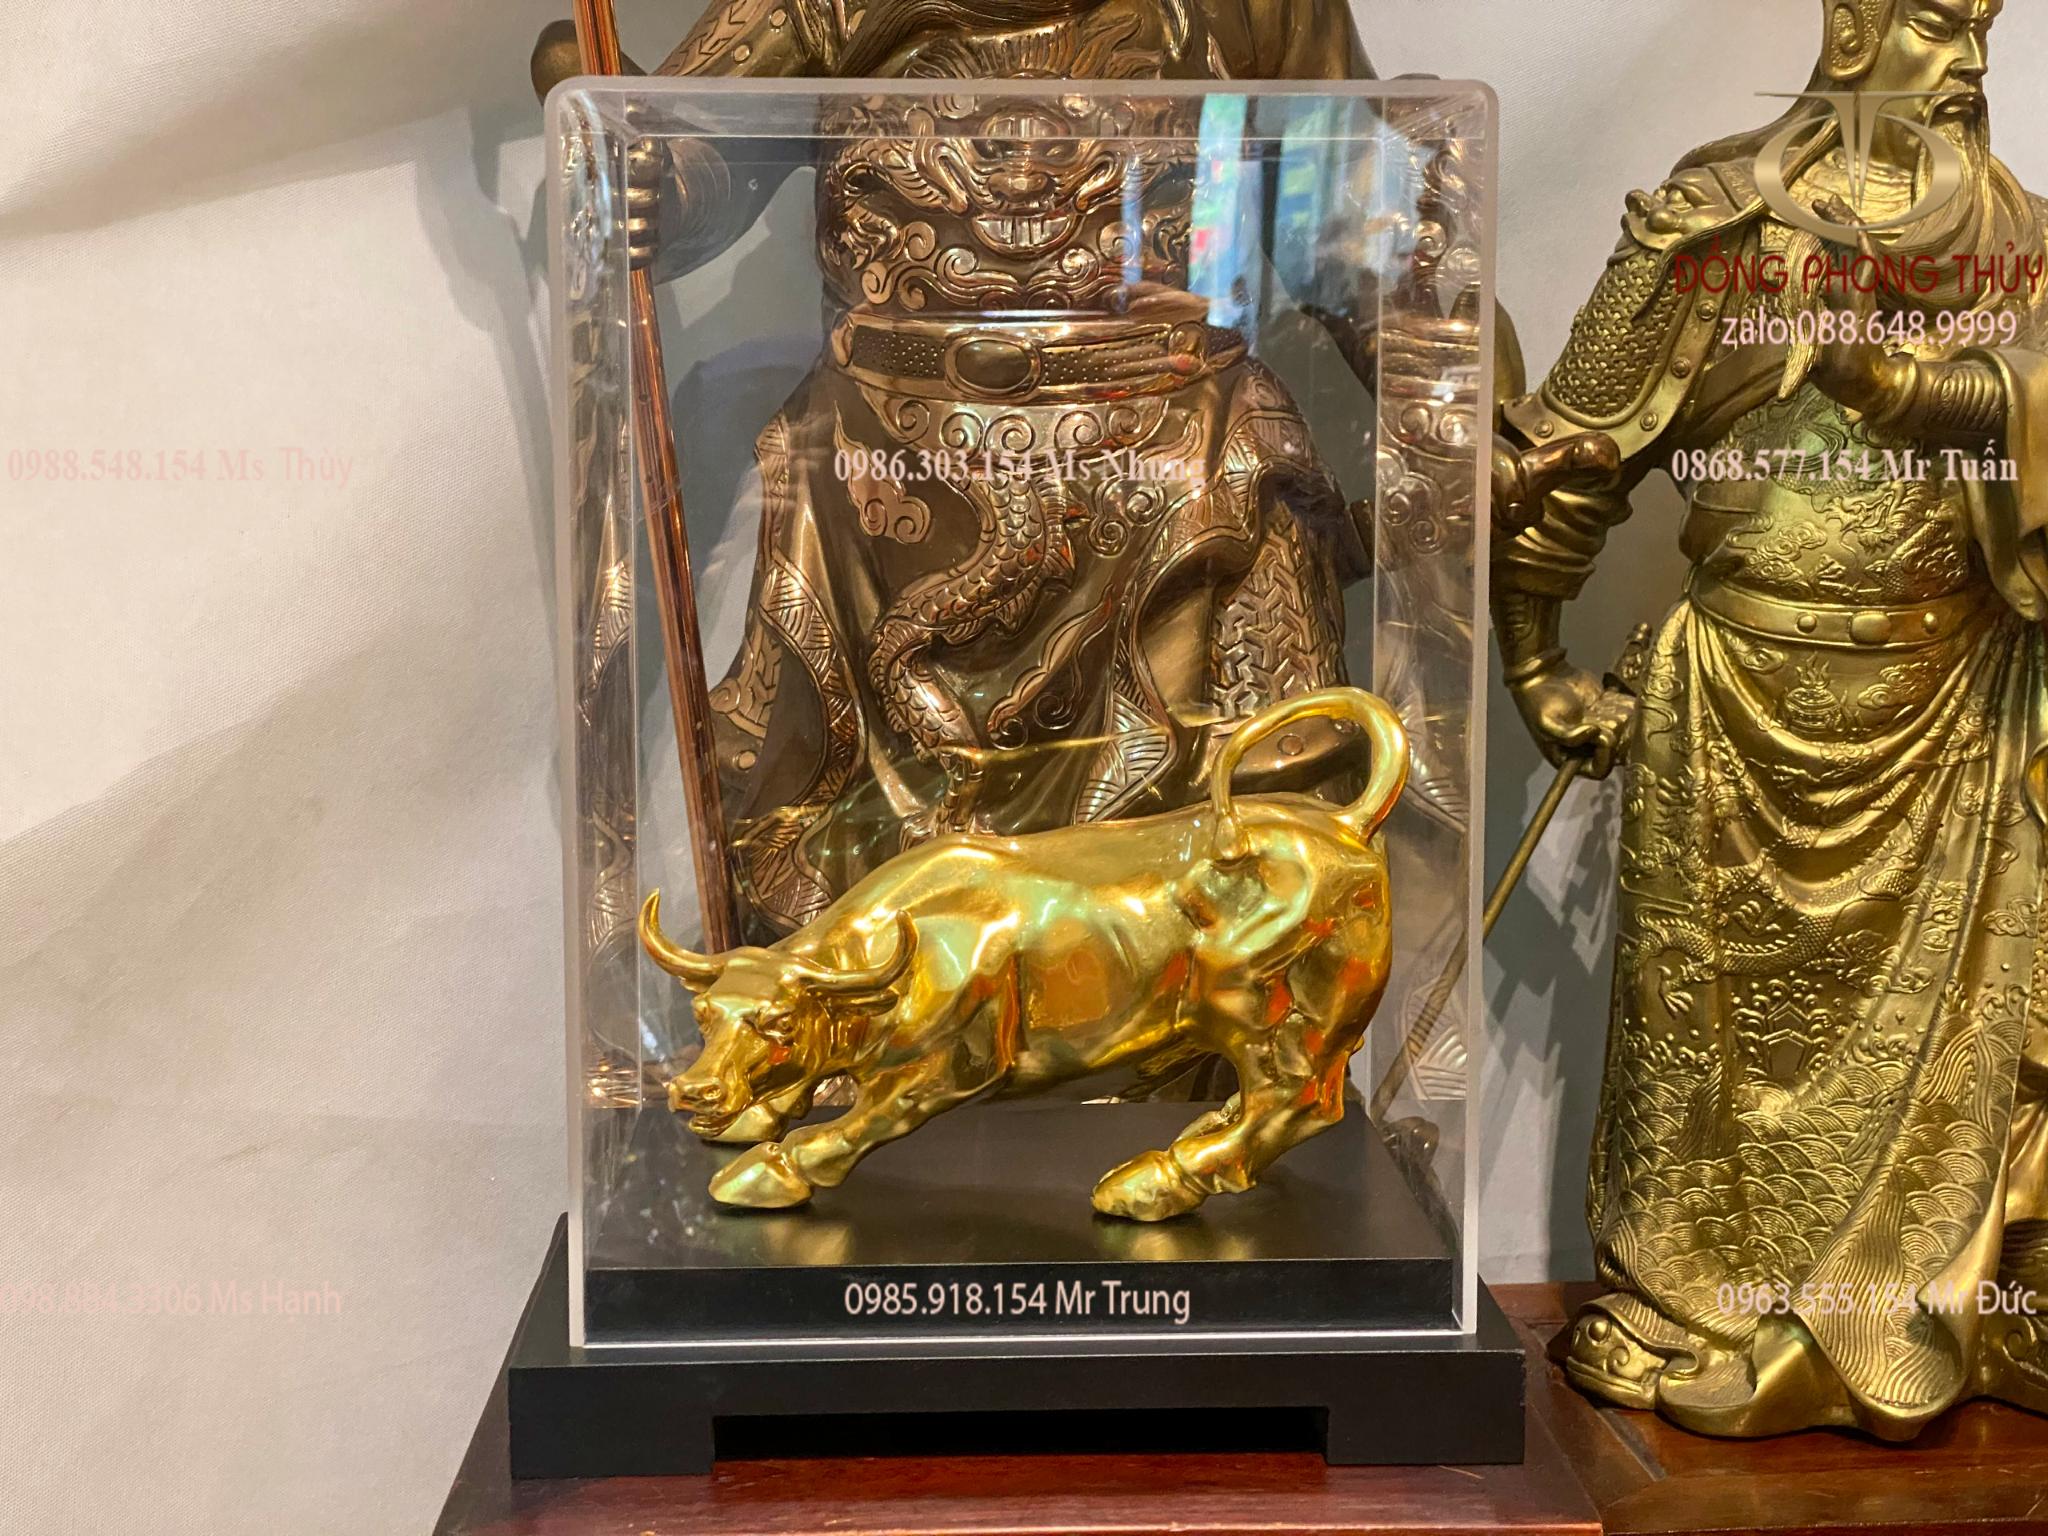 Tượng trâu bằng đồng thếp vàng 24k 11cm